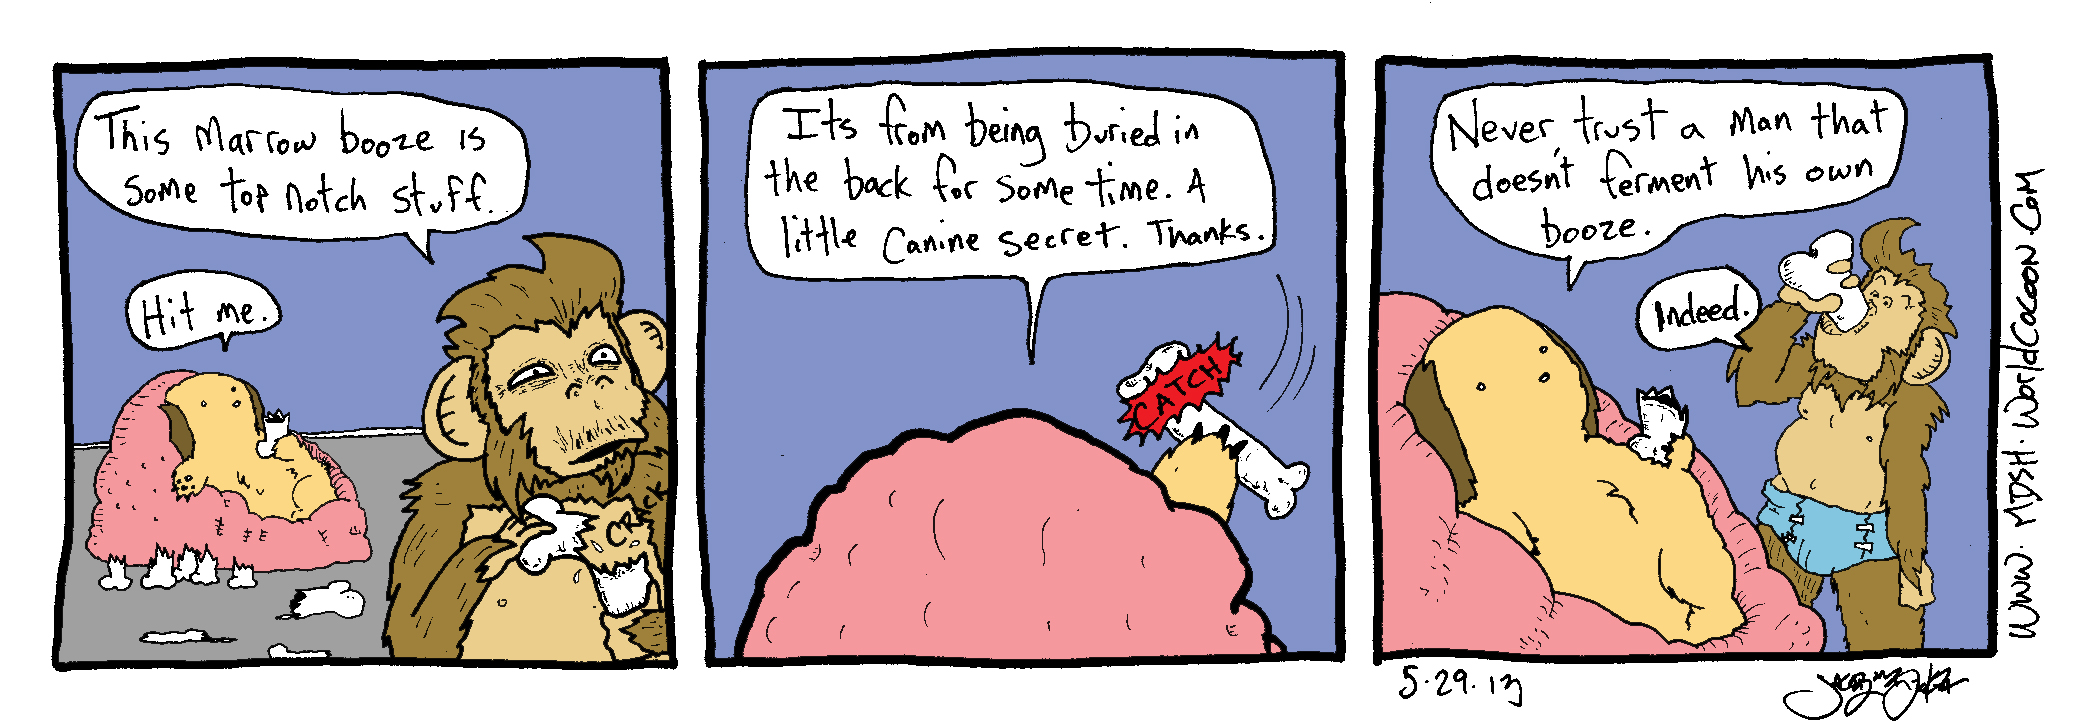 05/29/2013 – ancient canine secret